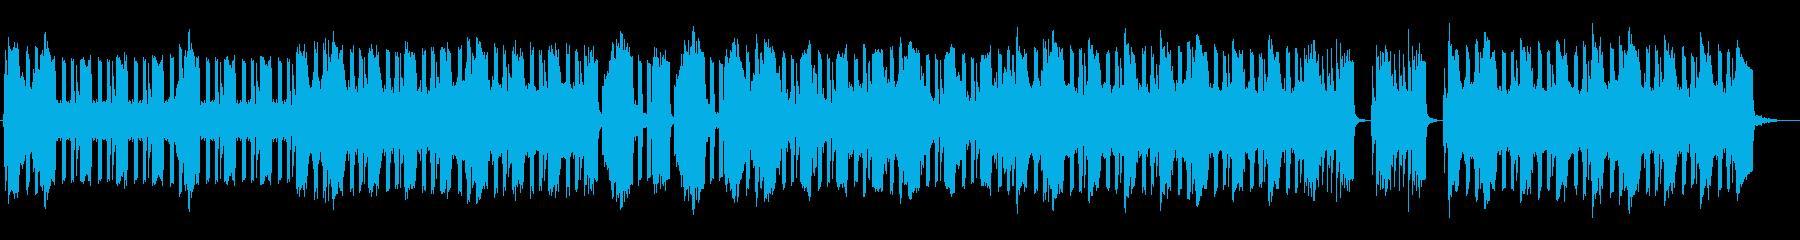 近未来的でシャープさが魅力の曲の再生済みの波形